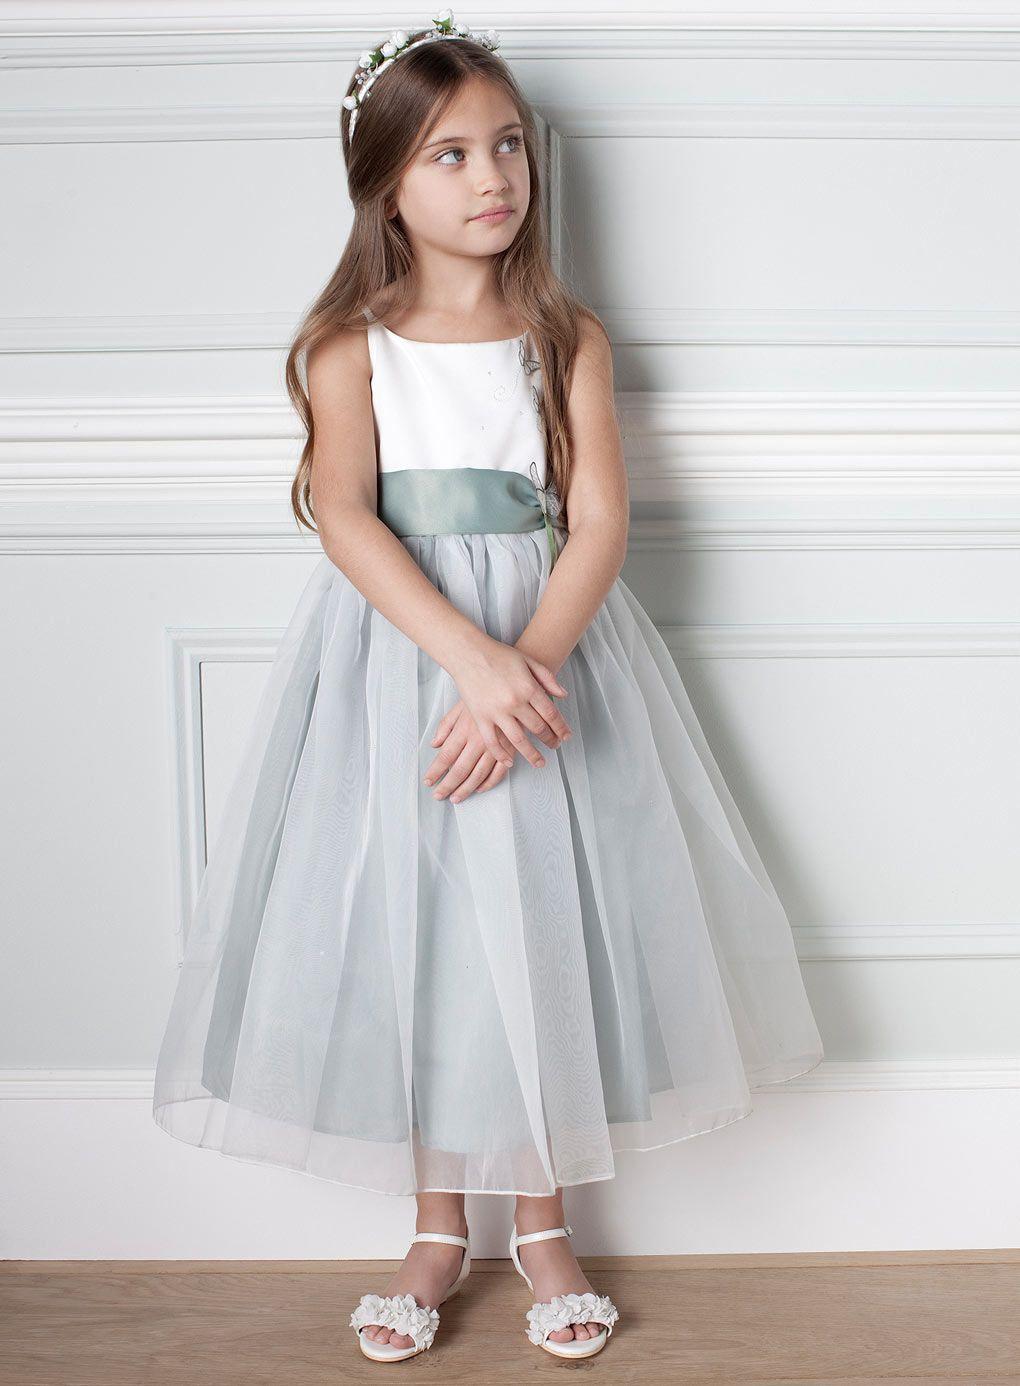 Bhs wedding ideas pinterest flower girl dresses girls